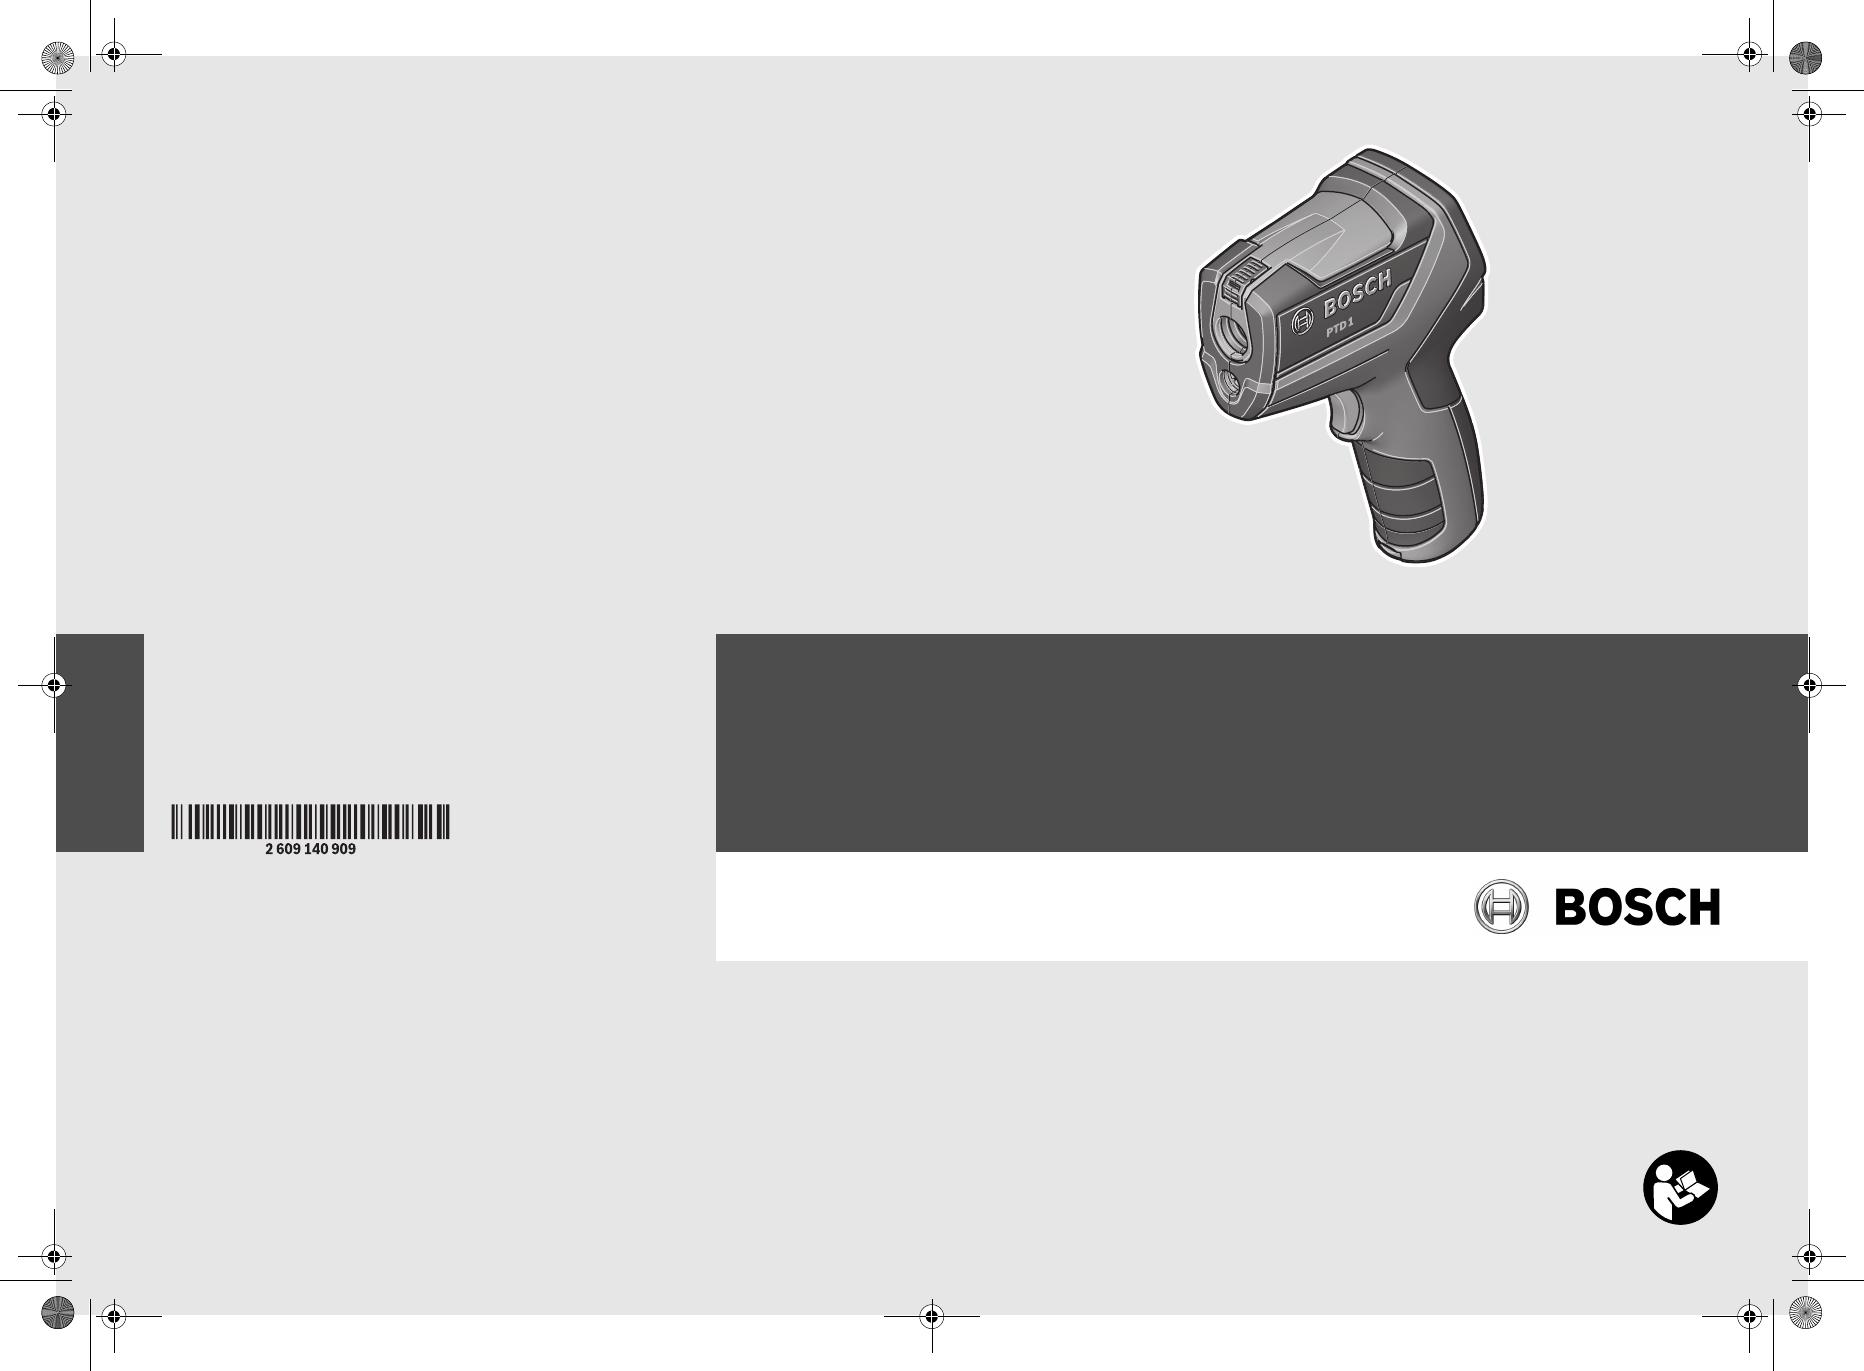 Bosch Kühlschrank Temperaturanzeige : Bosch kühlschrank temperaturanzeige blinkt bosch khlschrank